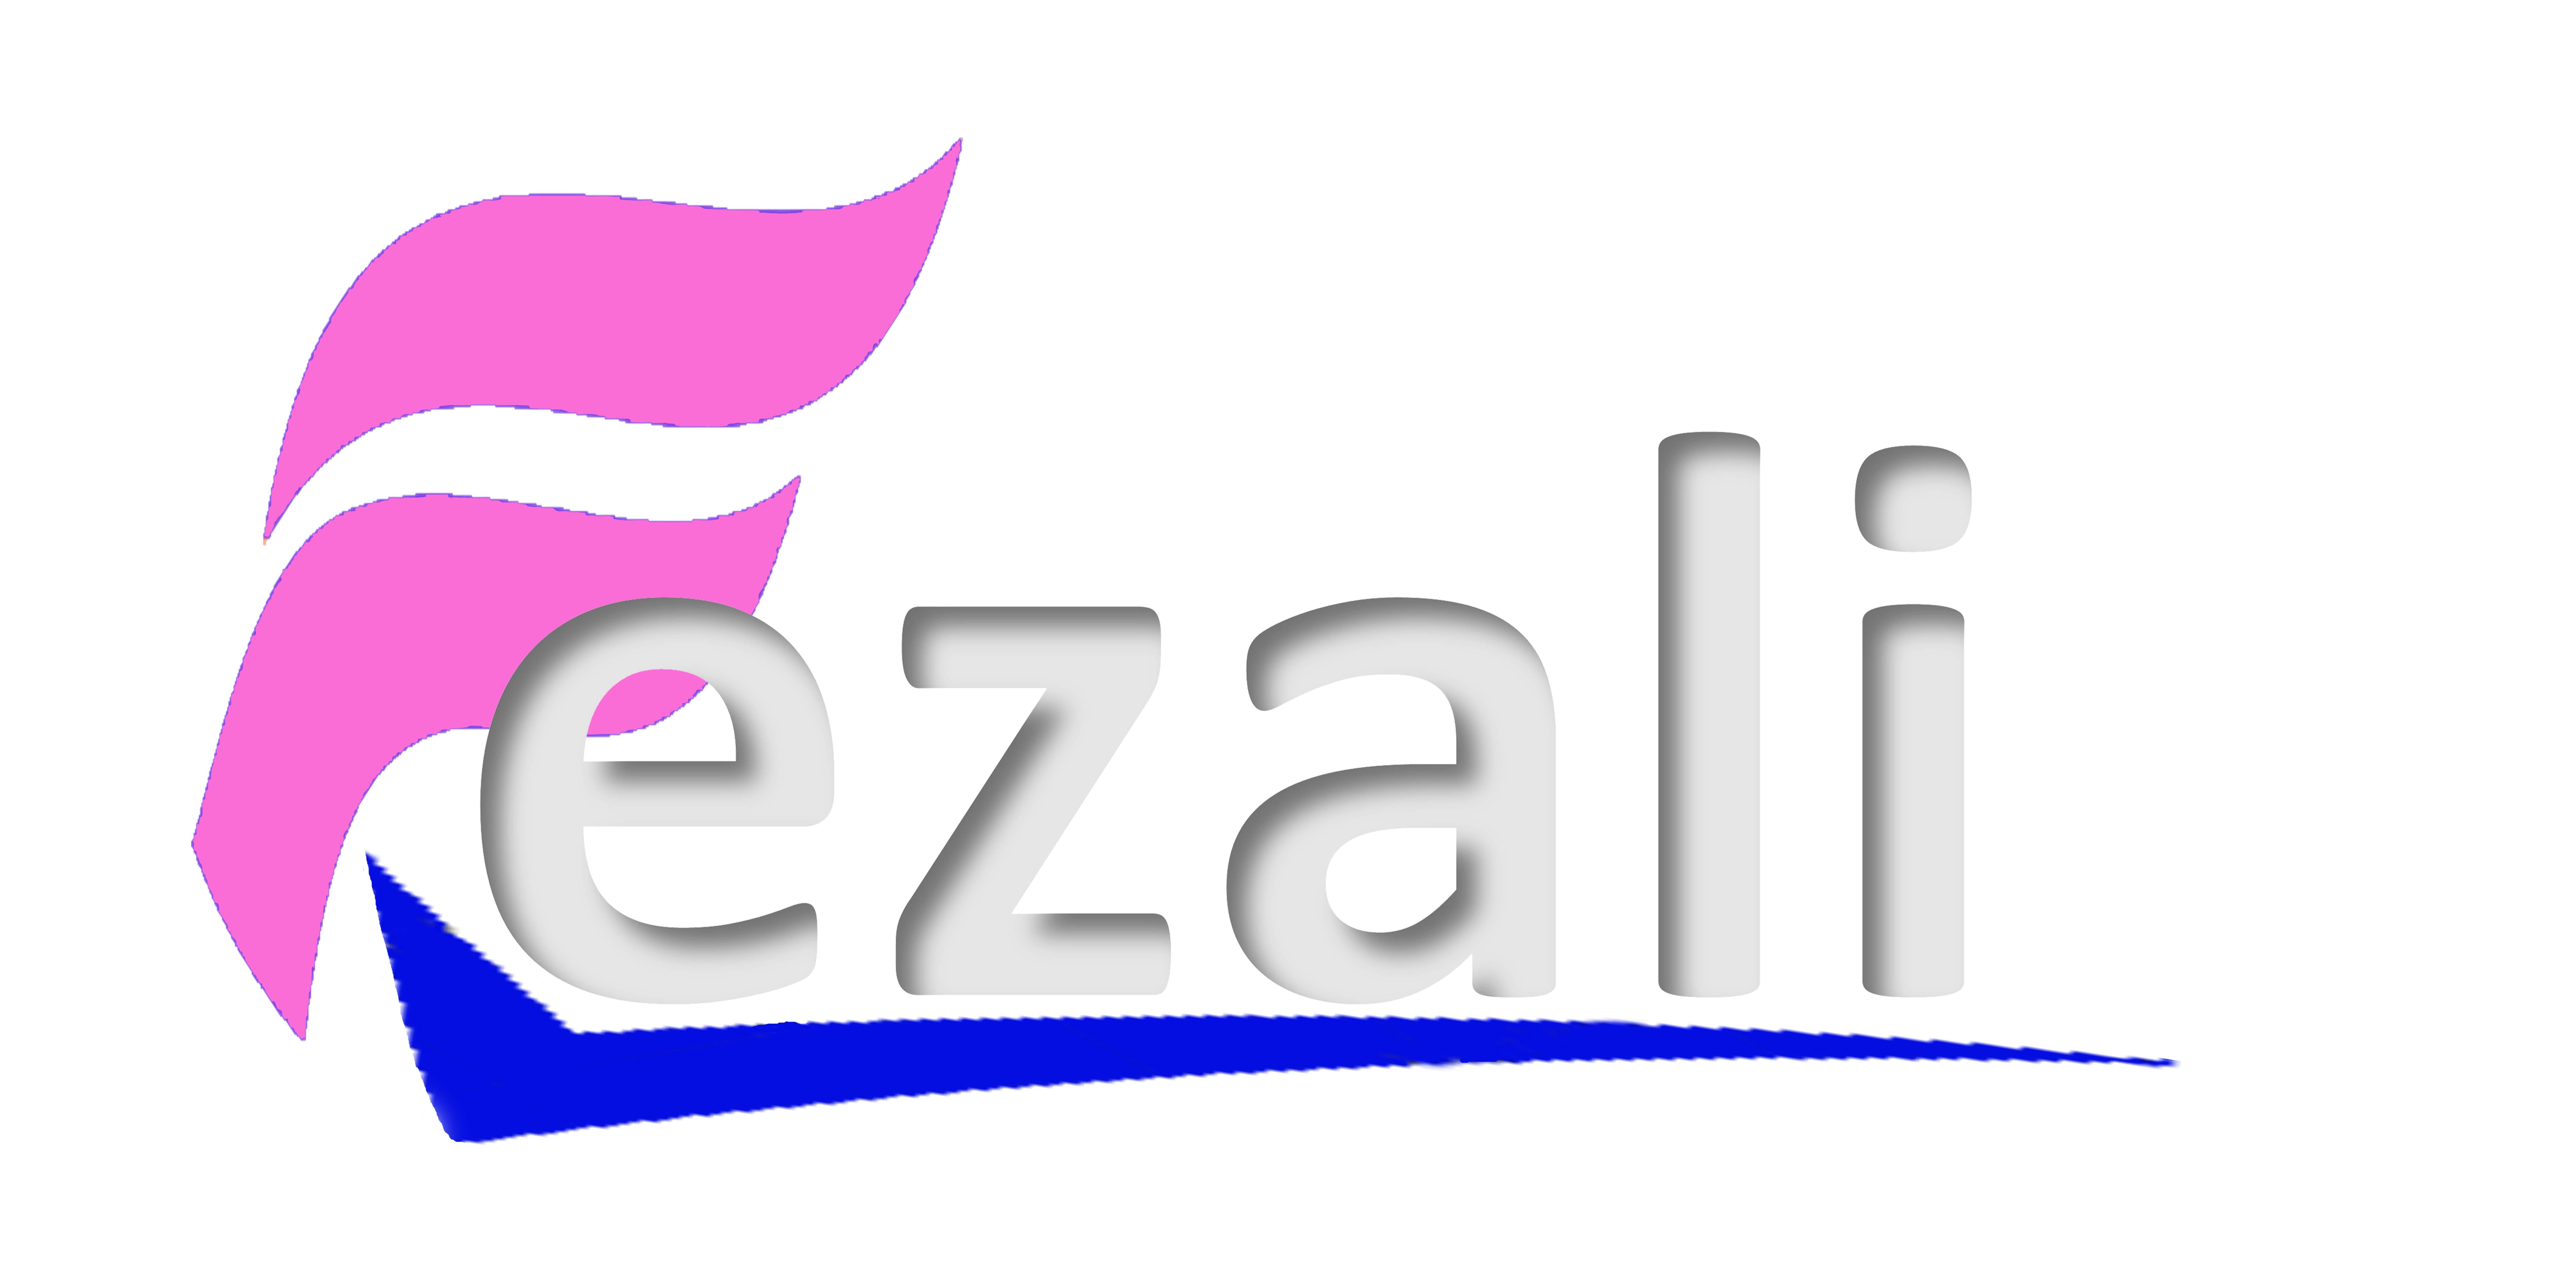 Fezali Dış Ticaret Ltd. Şti.